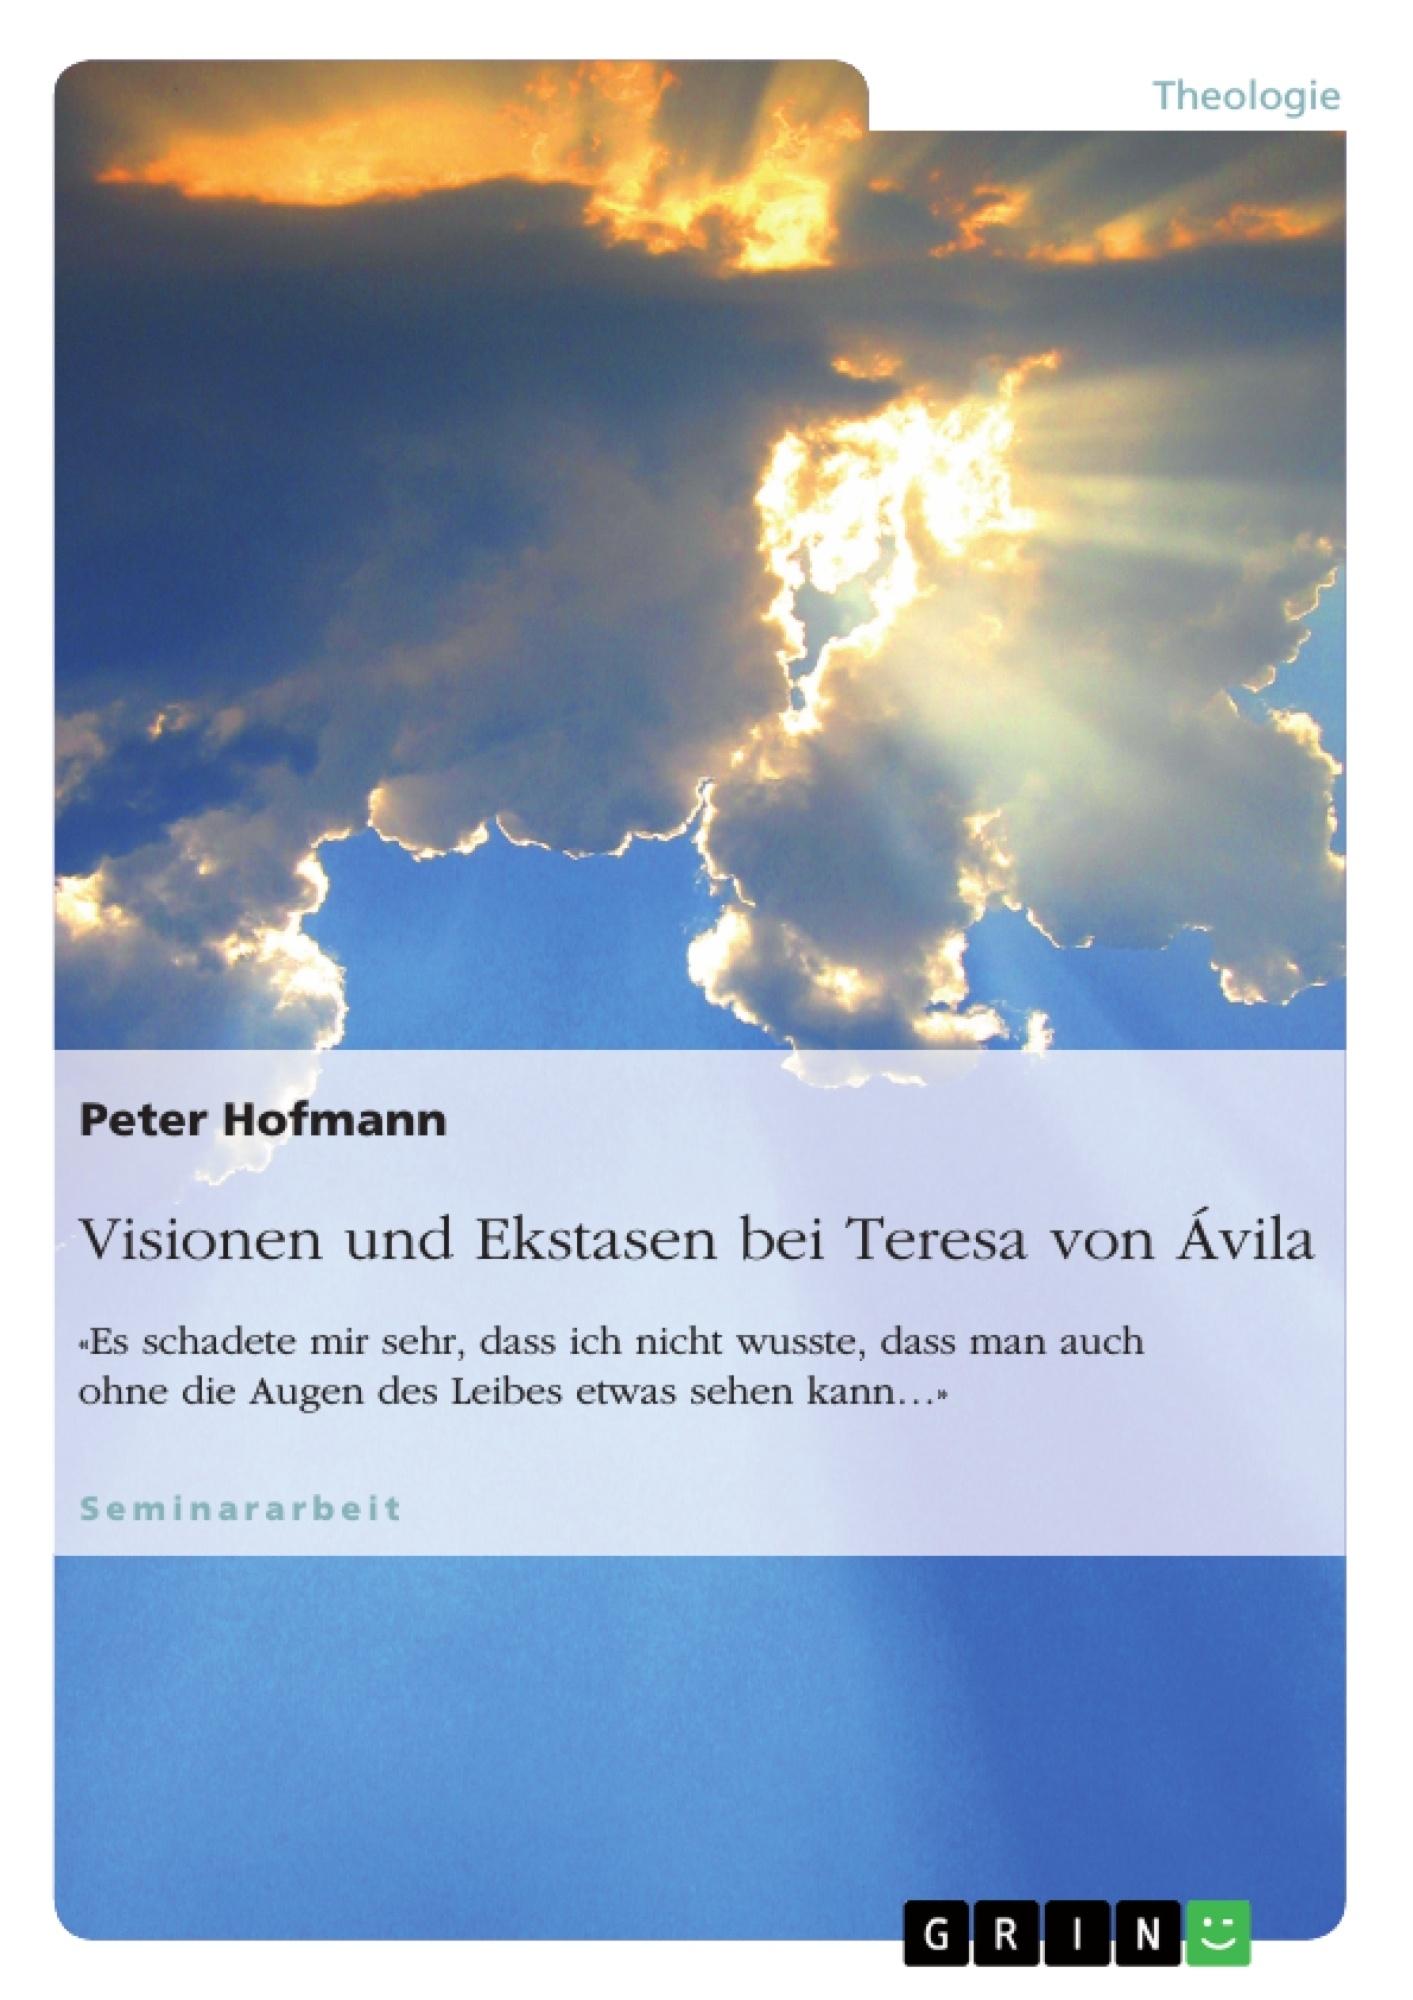 Titel: Visionen und Ekstasen bei Teresa von Ávila